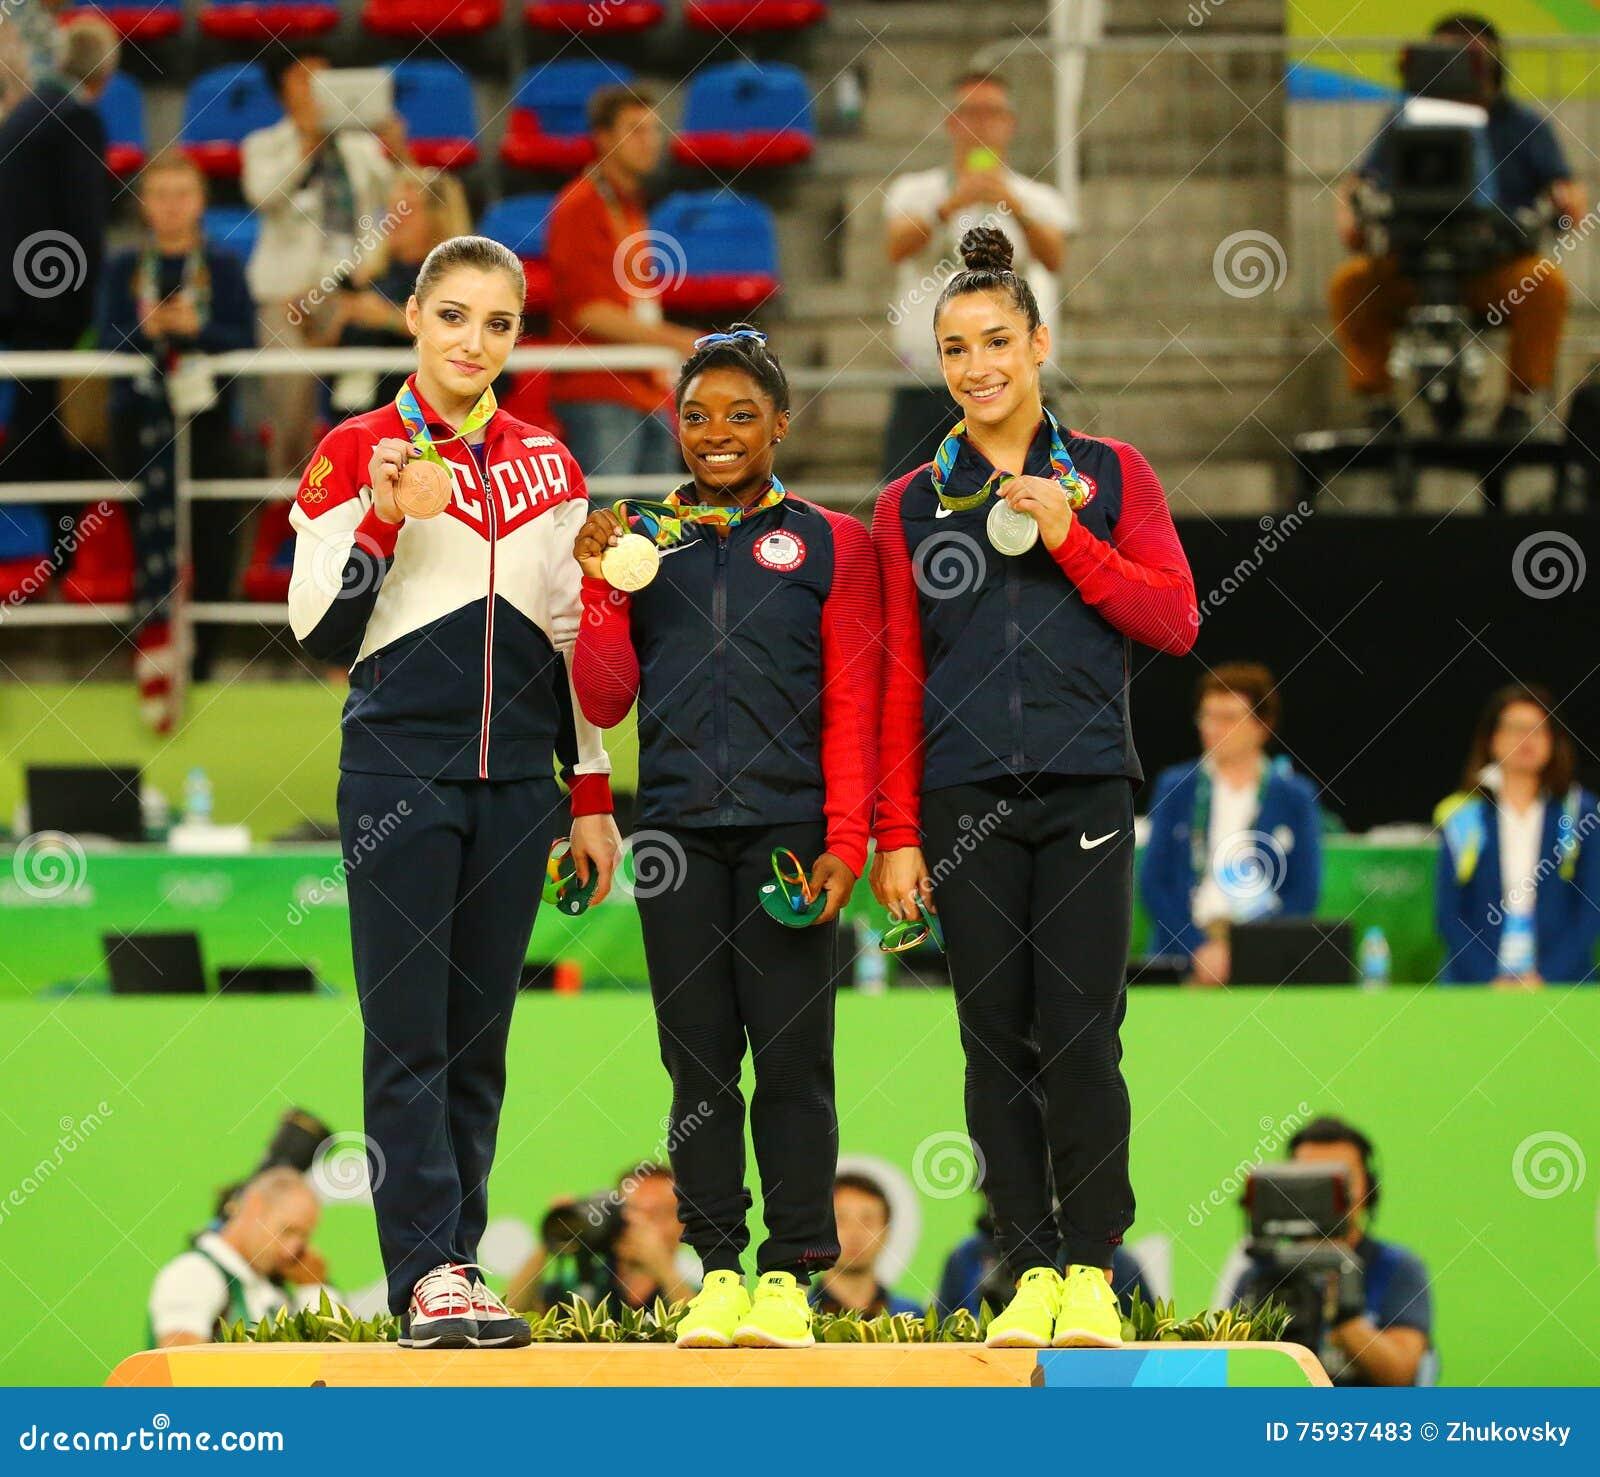 ¿Cuánto mide Simone Biles? - Real height Ganadores-vers%C3%A1tiles-de-la-gimnasia-en-r%C3%ADo-juegos-ol%C3%ADmpicos-aliya-mustafina-l-simone-biles-y-aly-raisman-durante-ceremonia-de-75937483